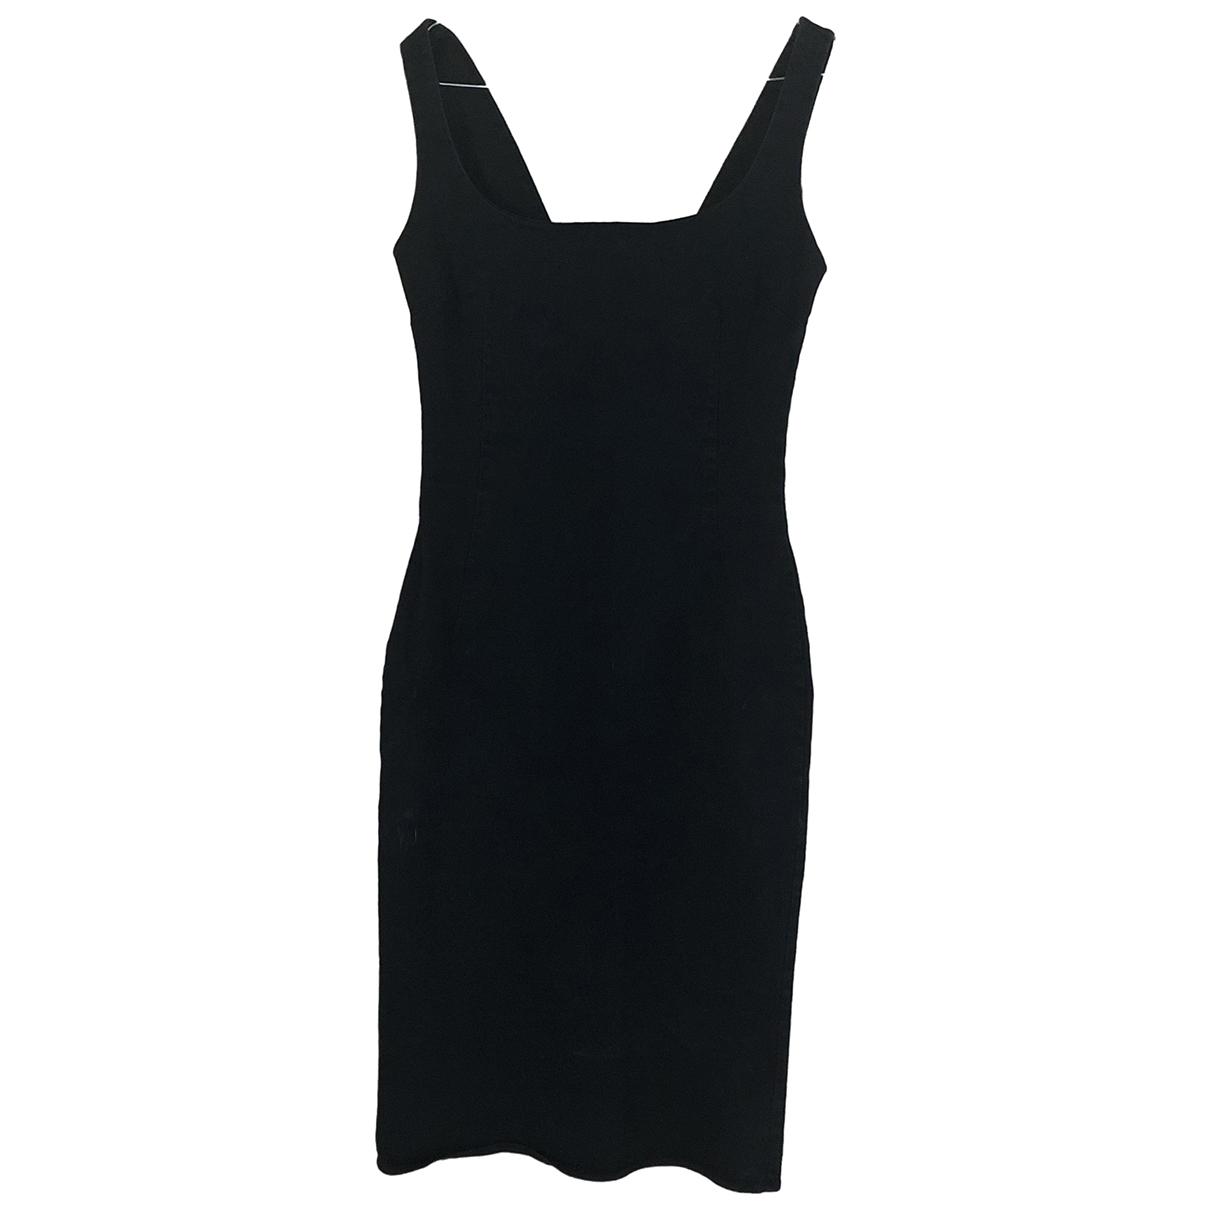 D&g \N Kleid in  Schwarz Denim - Jeans